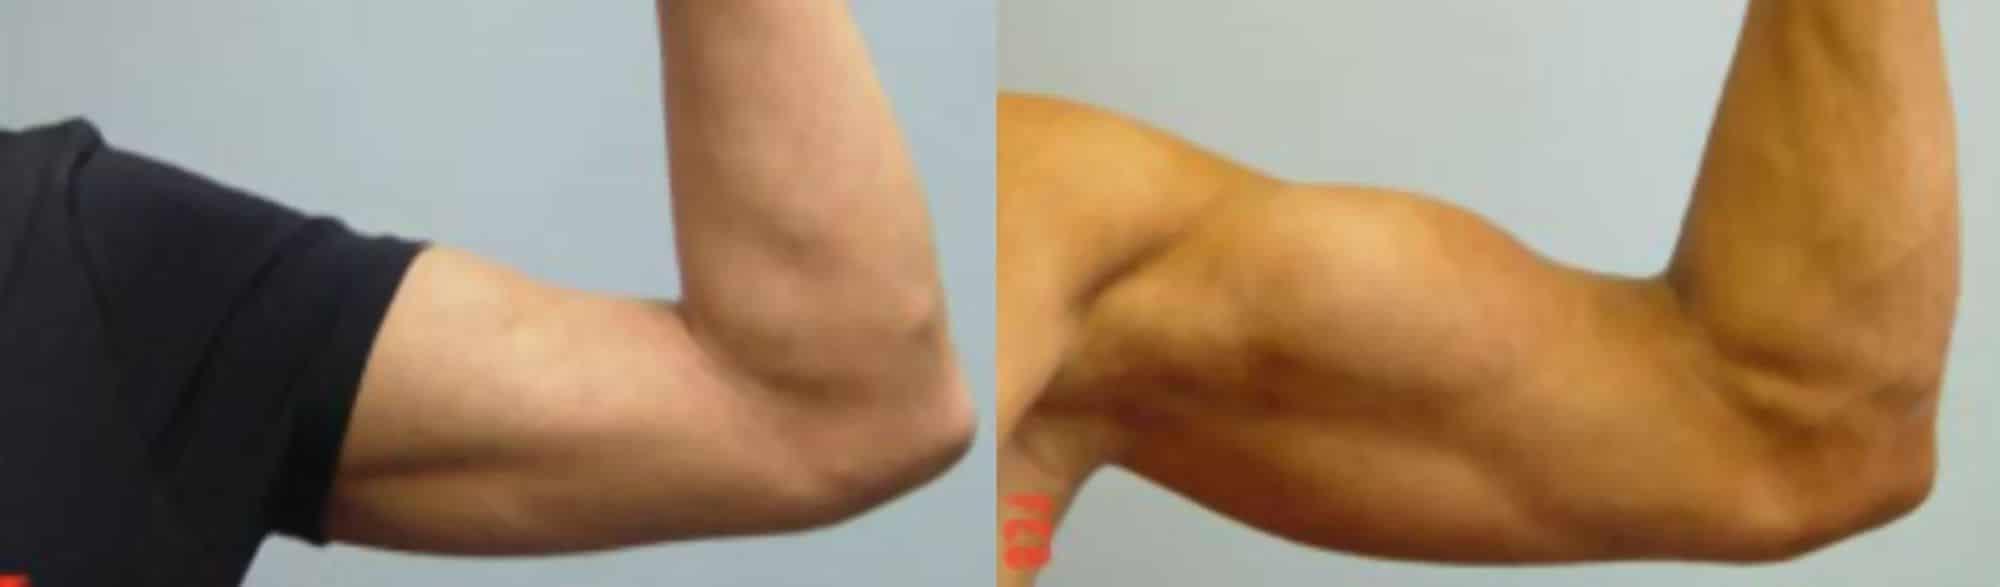 Pròtesi de bíceps - Foto 3